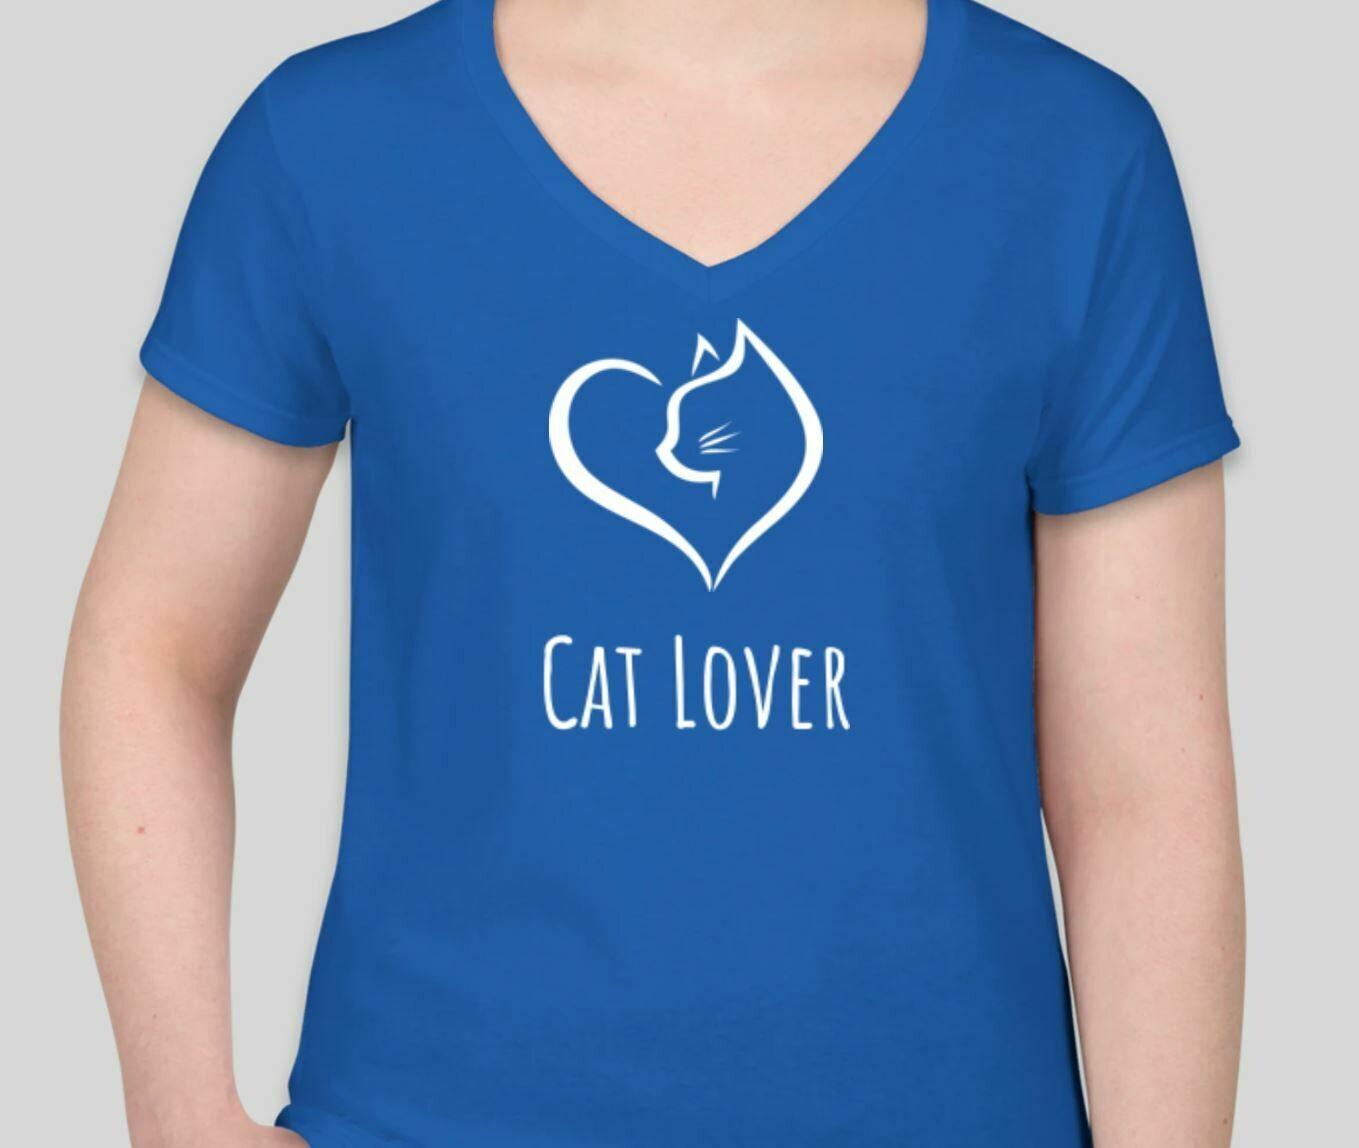 Cat Lover (Women) Royal